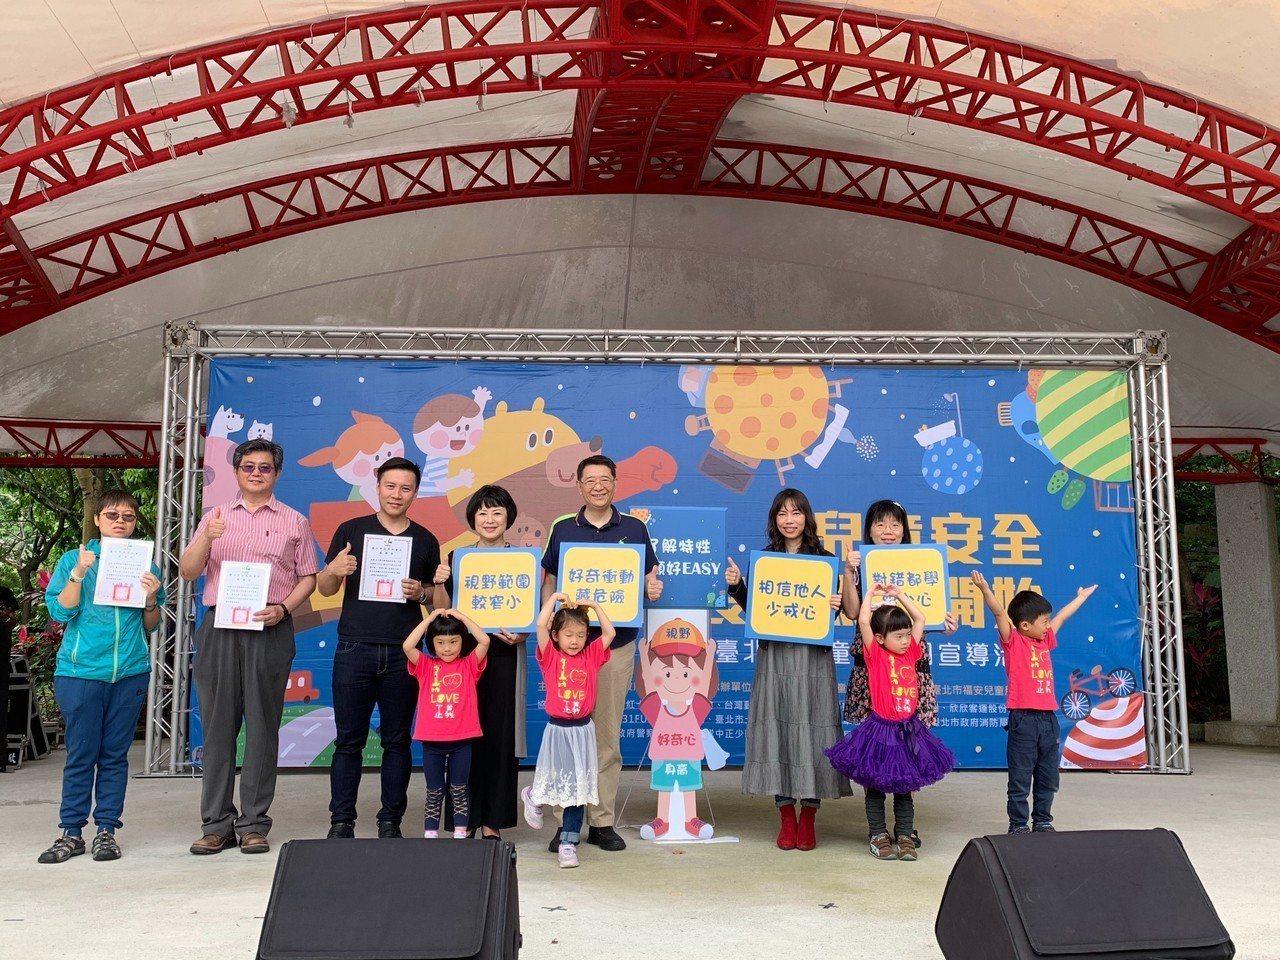 北市社會局與靖娟基金會今日舉辦「兒童安全,從良好照顧開始」108年台北市兒童安全...